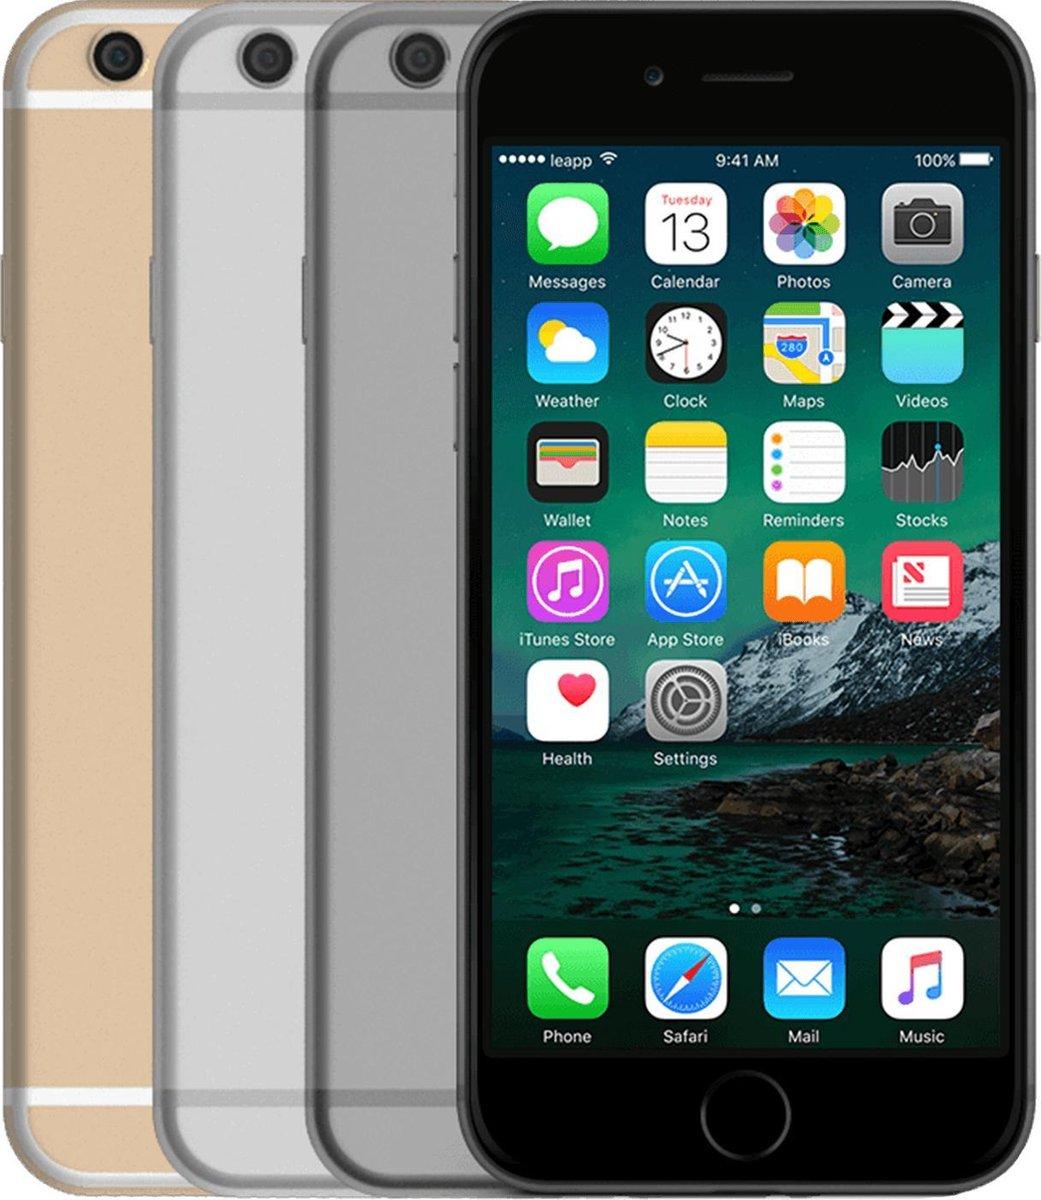 Apple iPhone 6s - Refurbished door Leapp - A grade (Zo goed als nieuw) - 16GB - Zilver